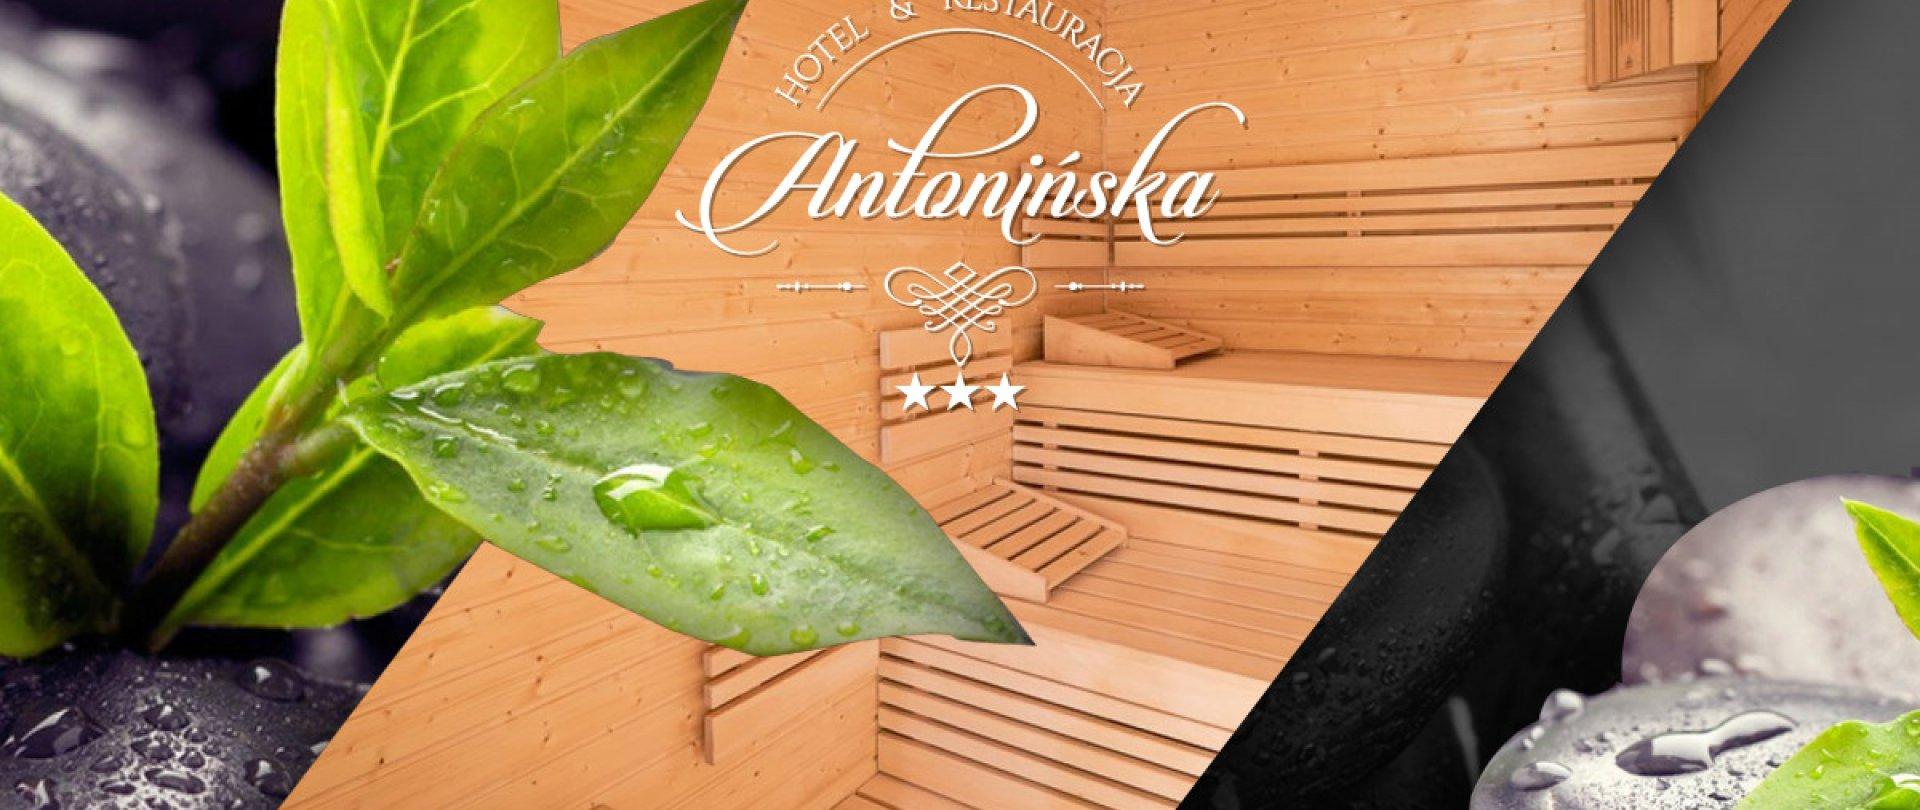 Na poprawę zdrowia i samopoczucia odwiedź Wellness & Spa w Antonińskiej